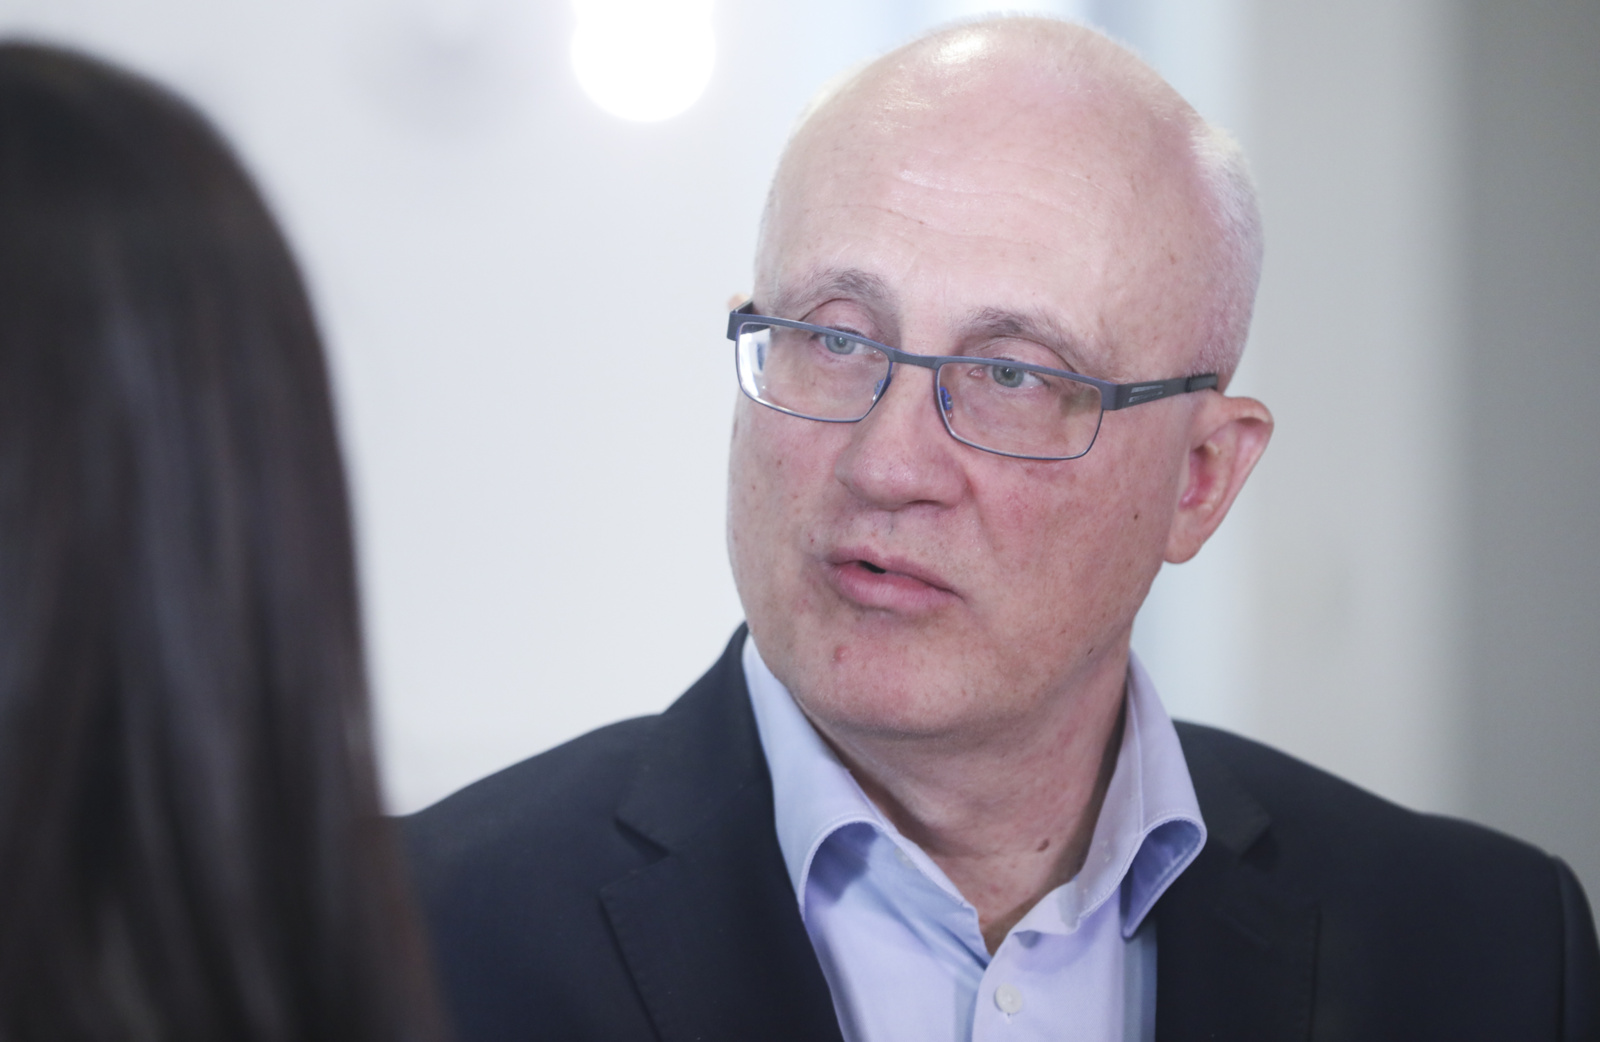 S. Jakeliūnas: Švedijoje niekas nesuabejojo, kad skandinavų bankai prisidėjo prie krizės Lietuvoje